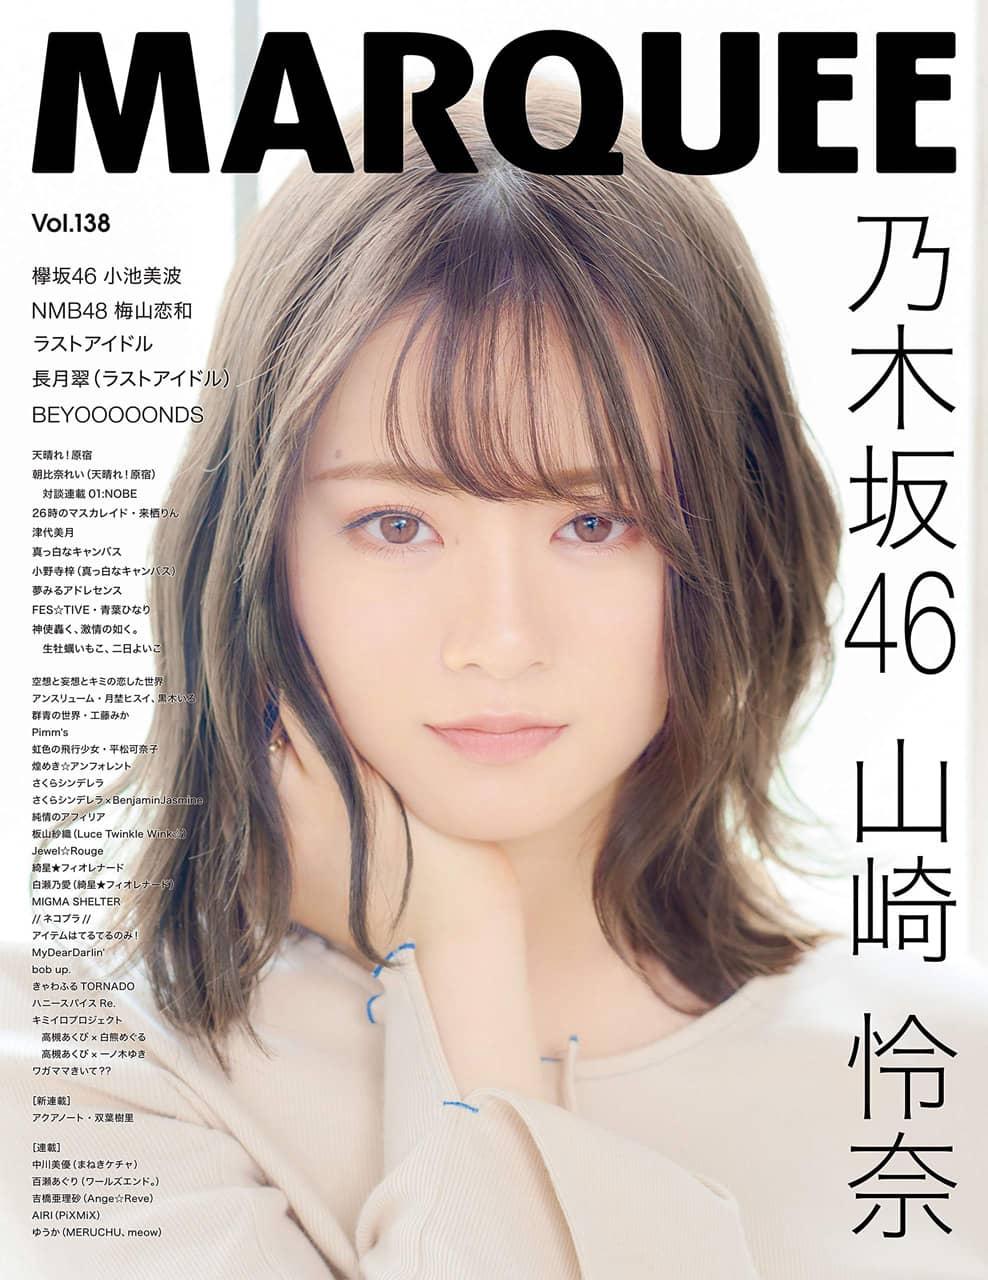 乃木坂46 山崎怜奈が表紙巻頭に登場!「MARQUEE Vol.138」明日4/15発売!